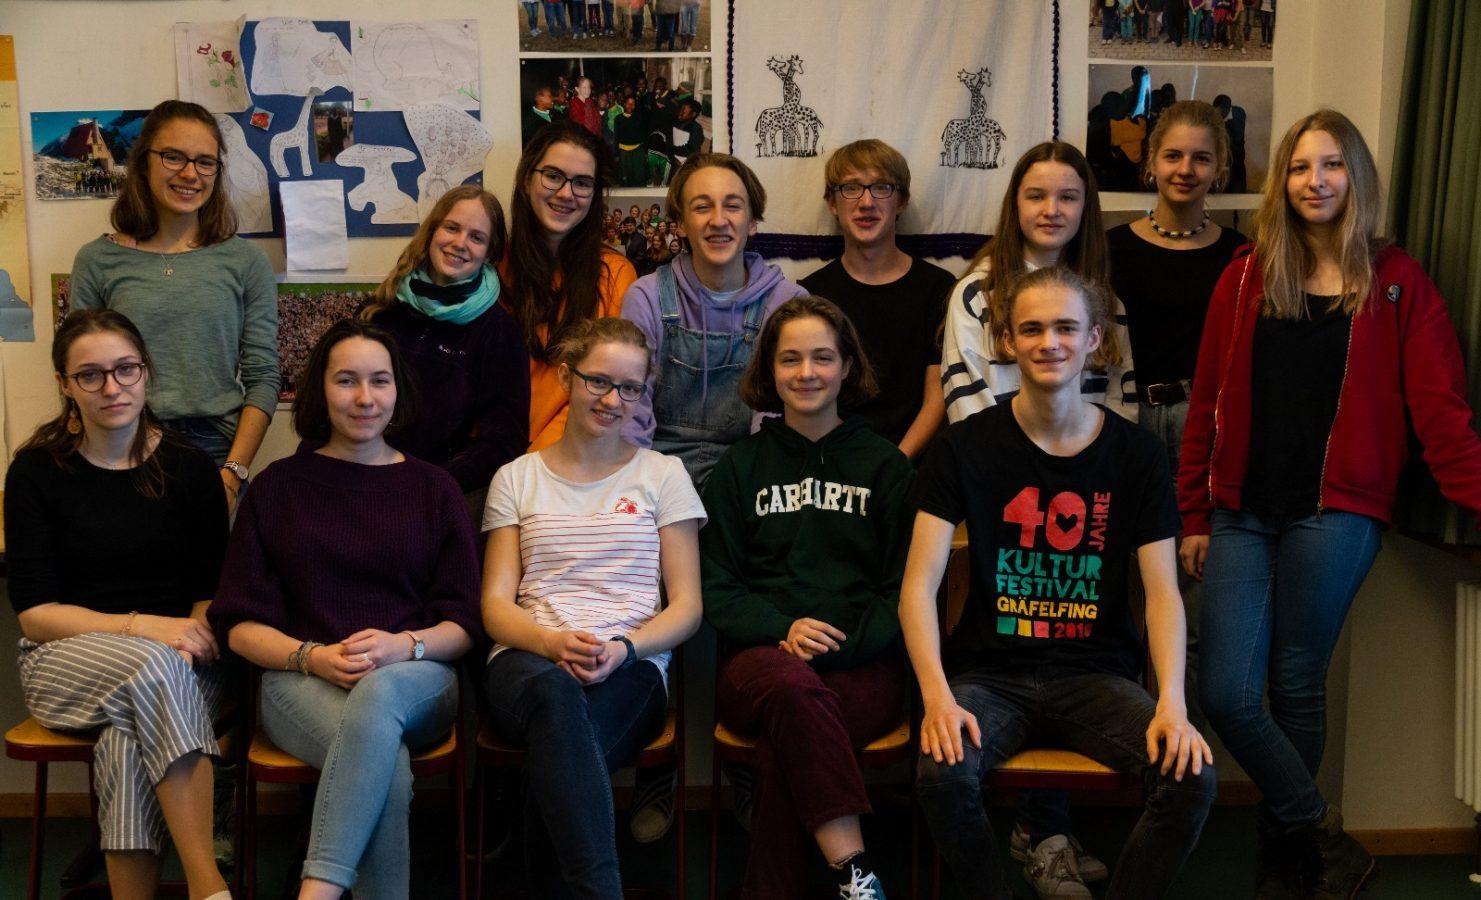 Die Schülerinnen und Schüler des KHG, die an der Begegnungsreise nach Emmaberg im Juli/August 2019 teilnehmen.